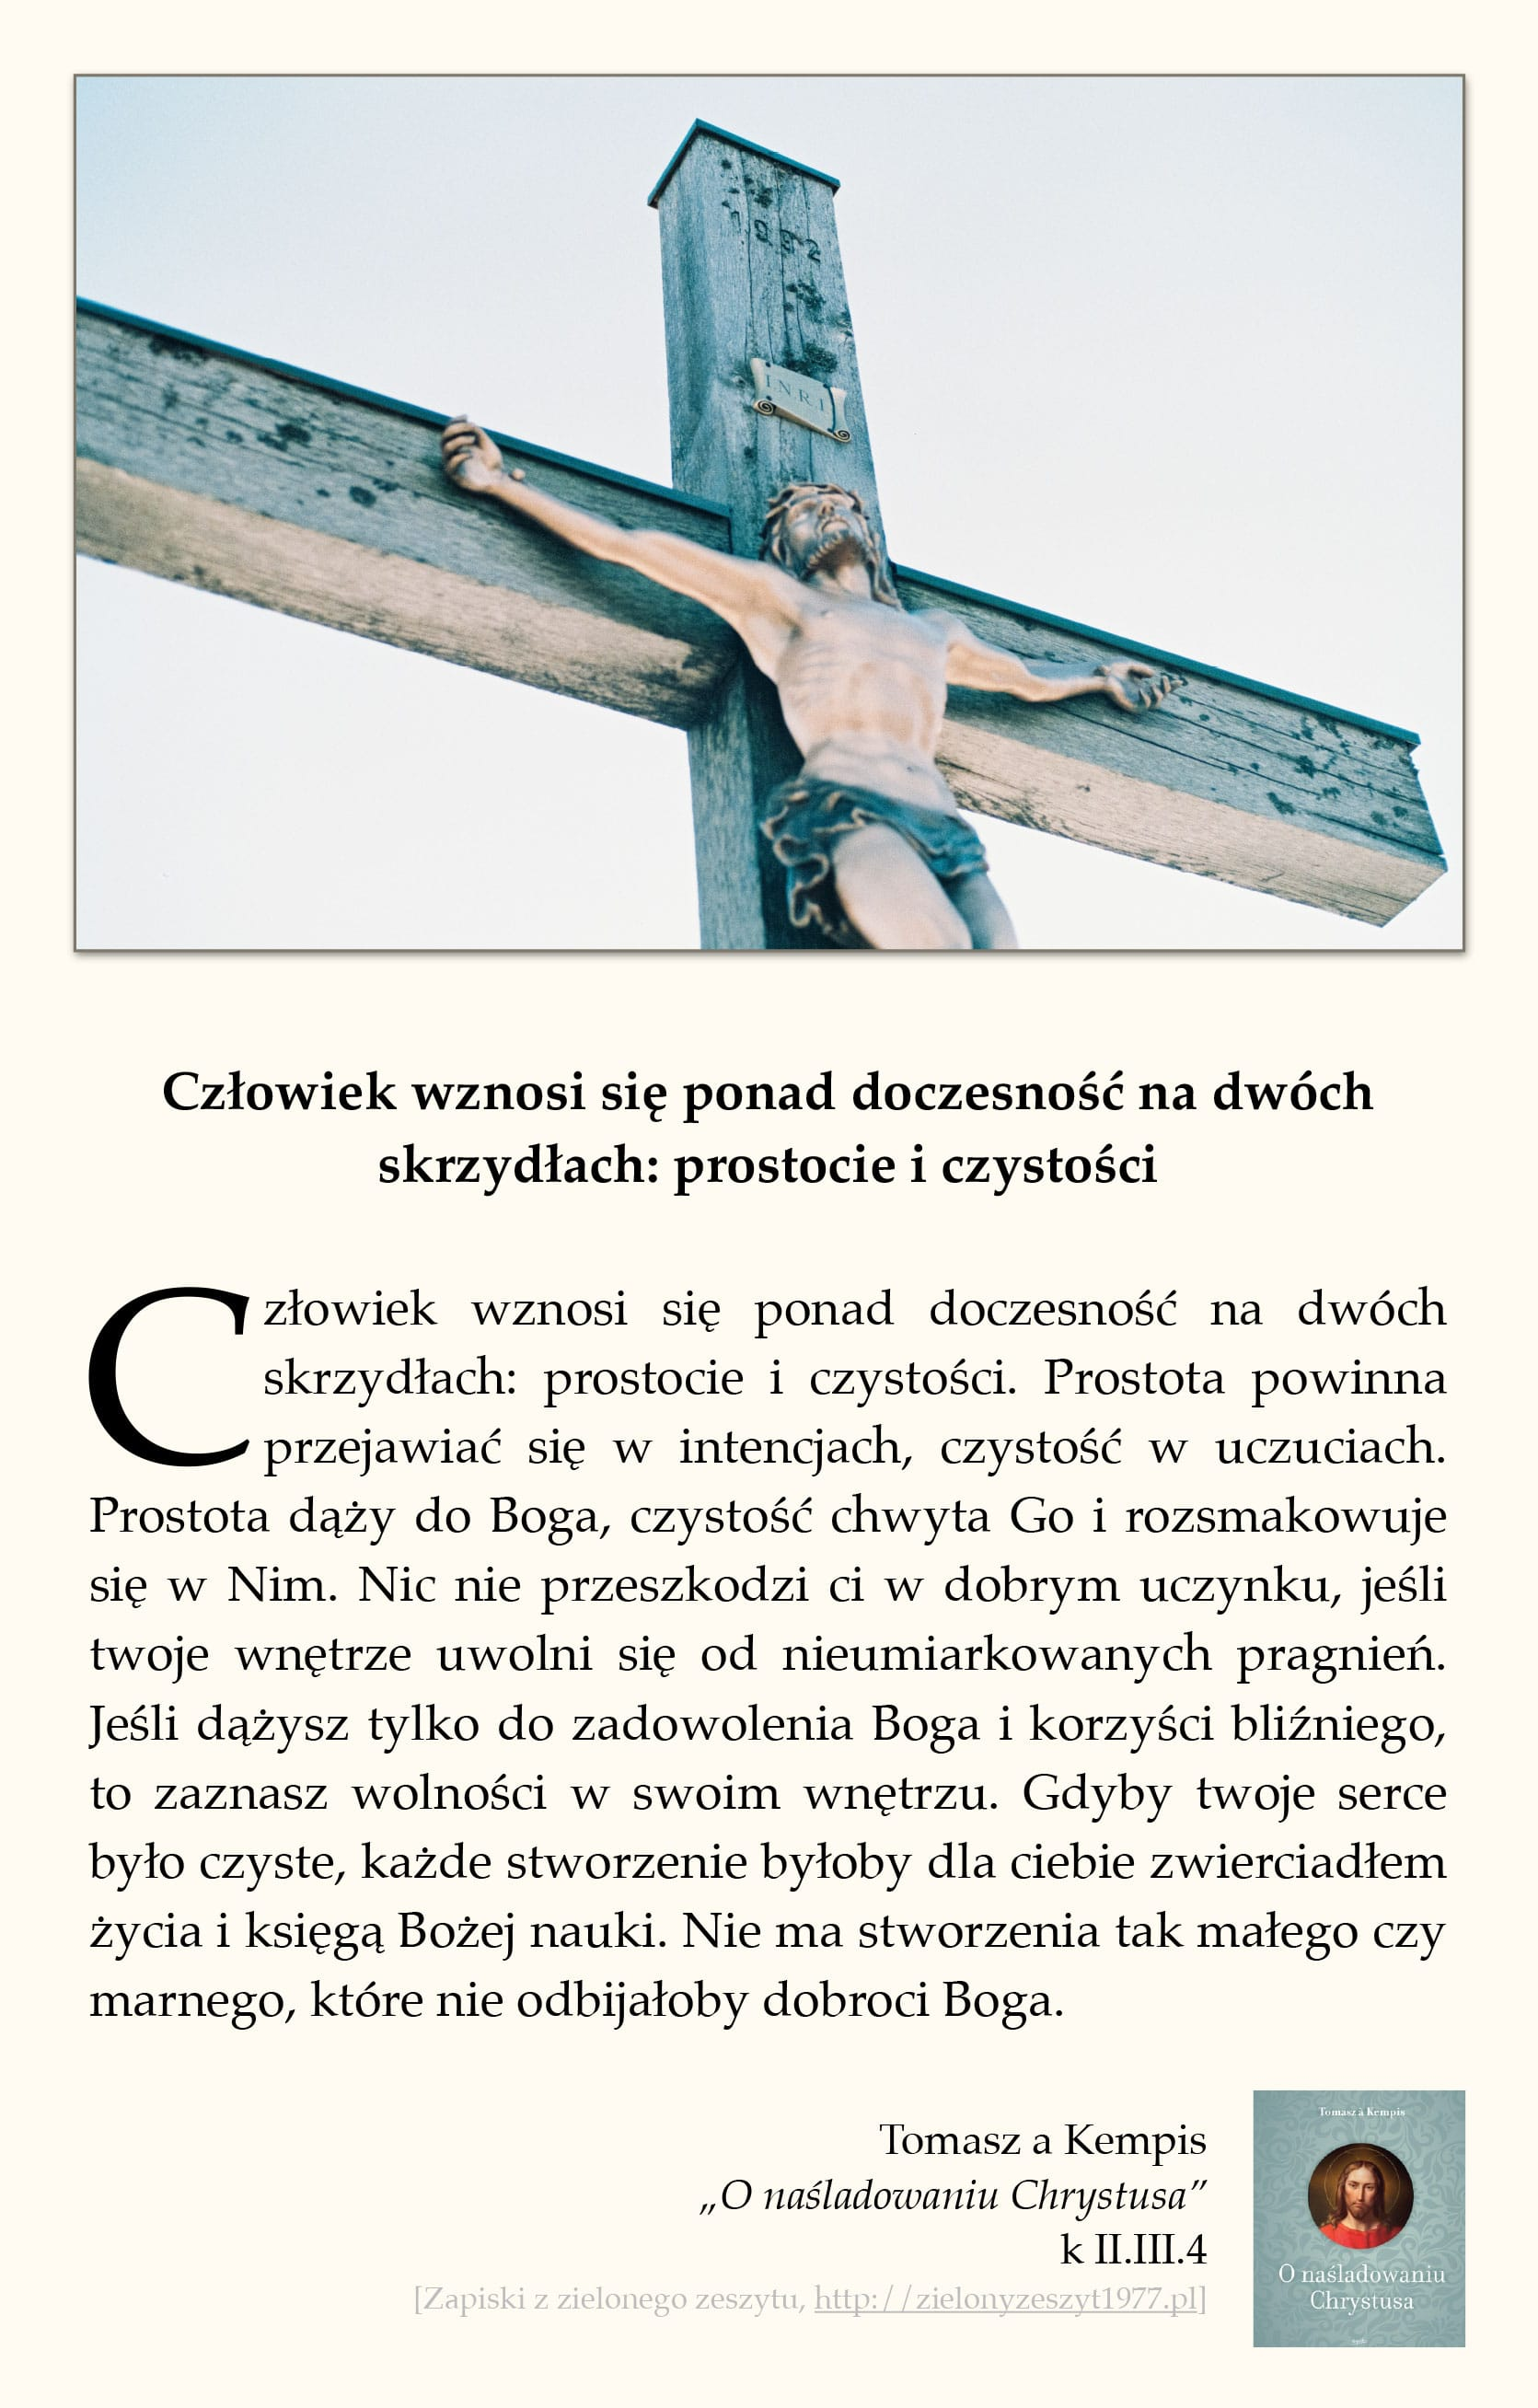 """Tomasz a Kempis, """"O naśladowaniu Chrystusa"""", k II.IV.1 (Człowiek wznosi się ponad doczesność na dwóch skrzydłach: prostocie i czystości)"""